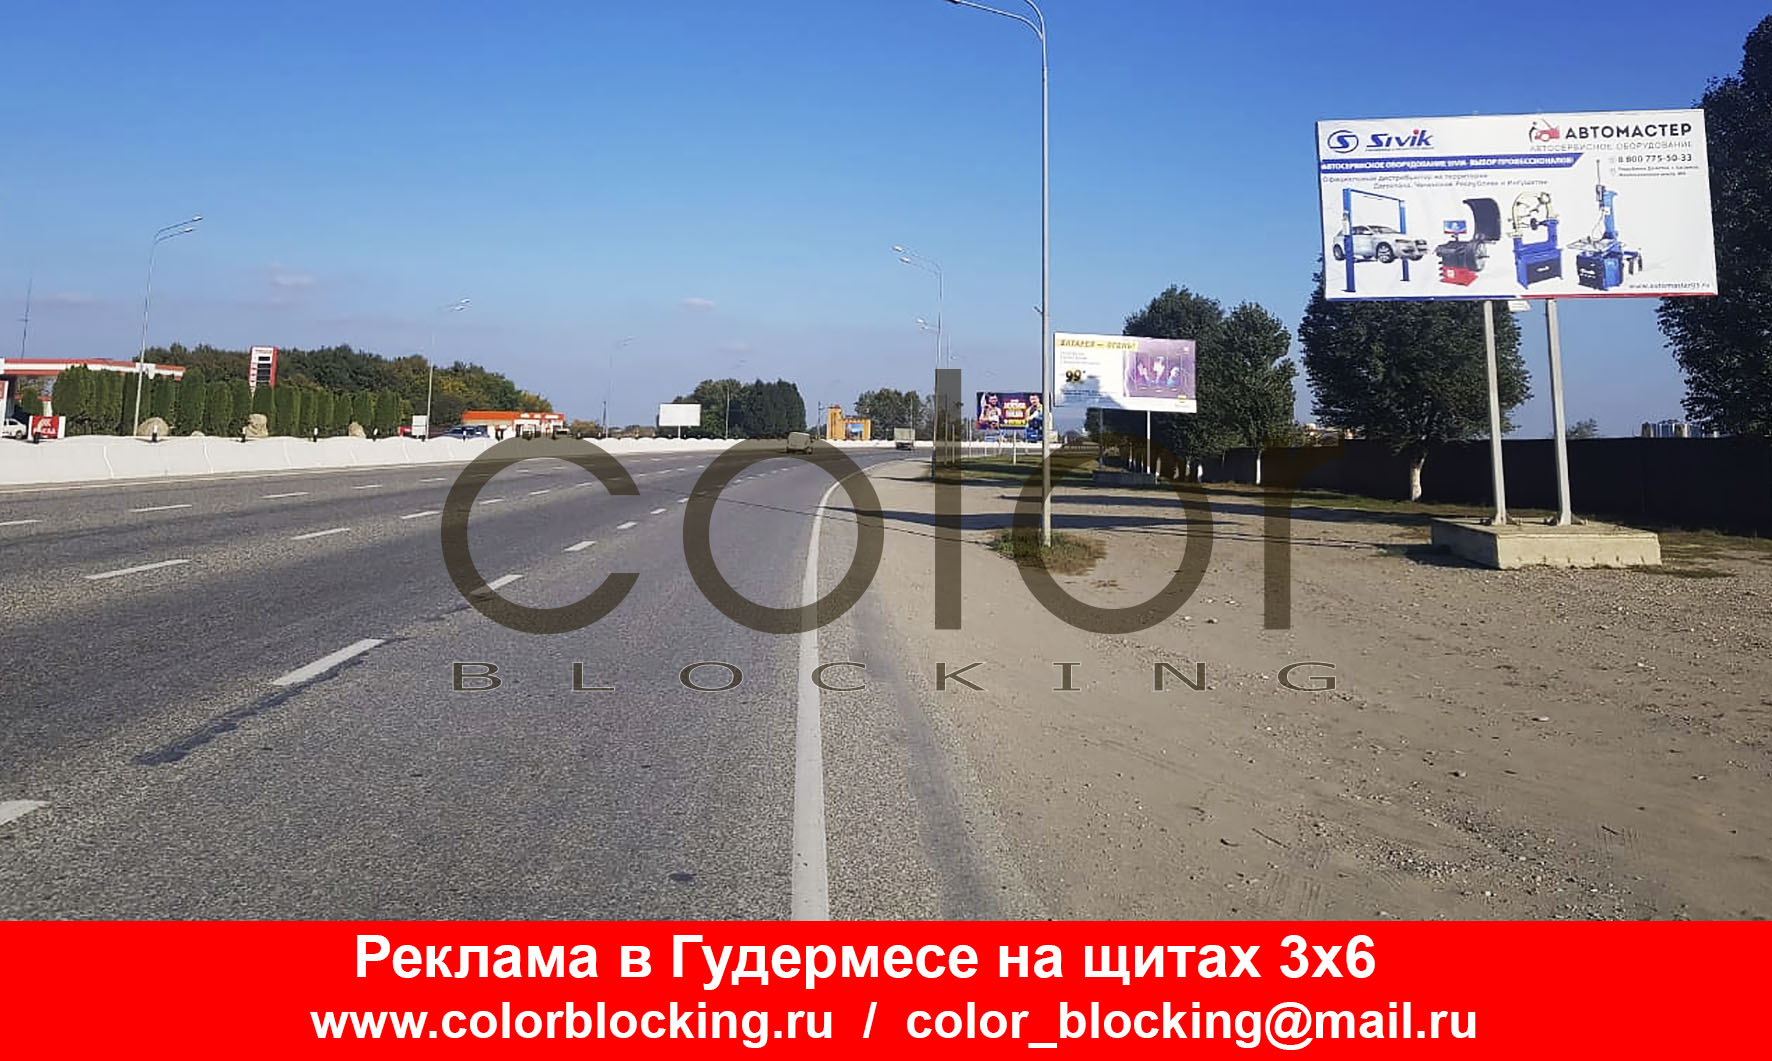 Реклама на щитах 3х6 в ЧР Грозный